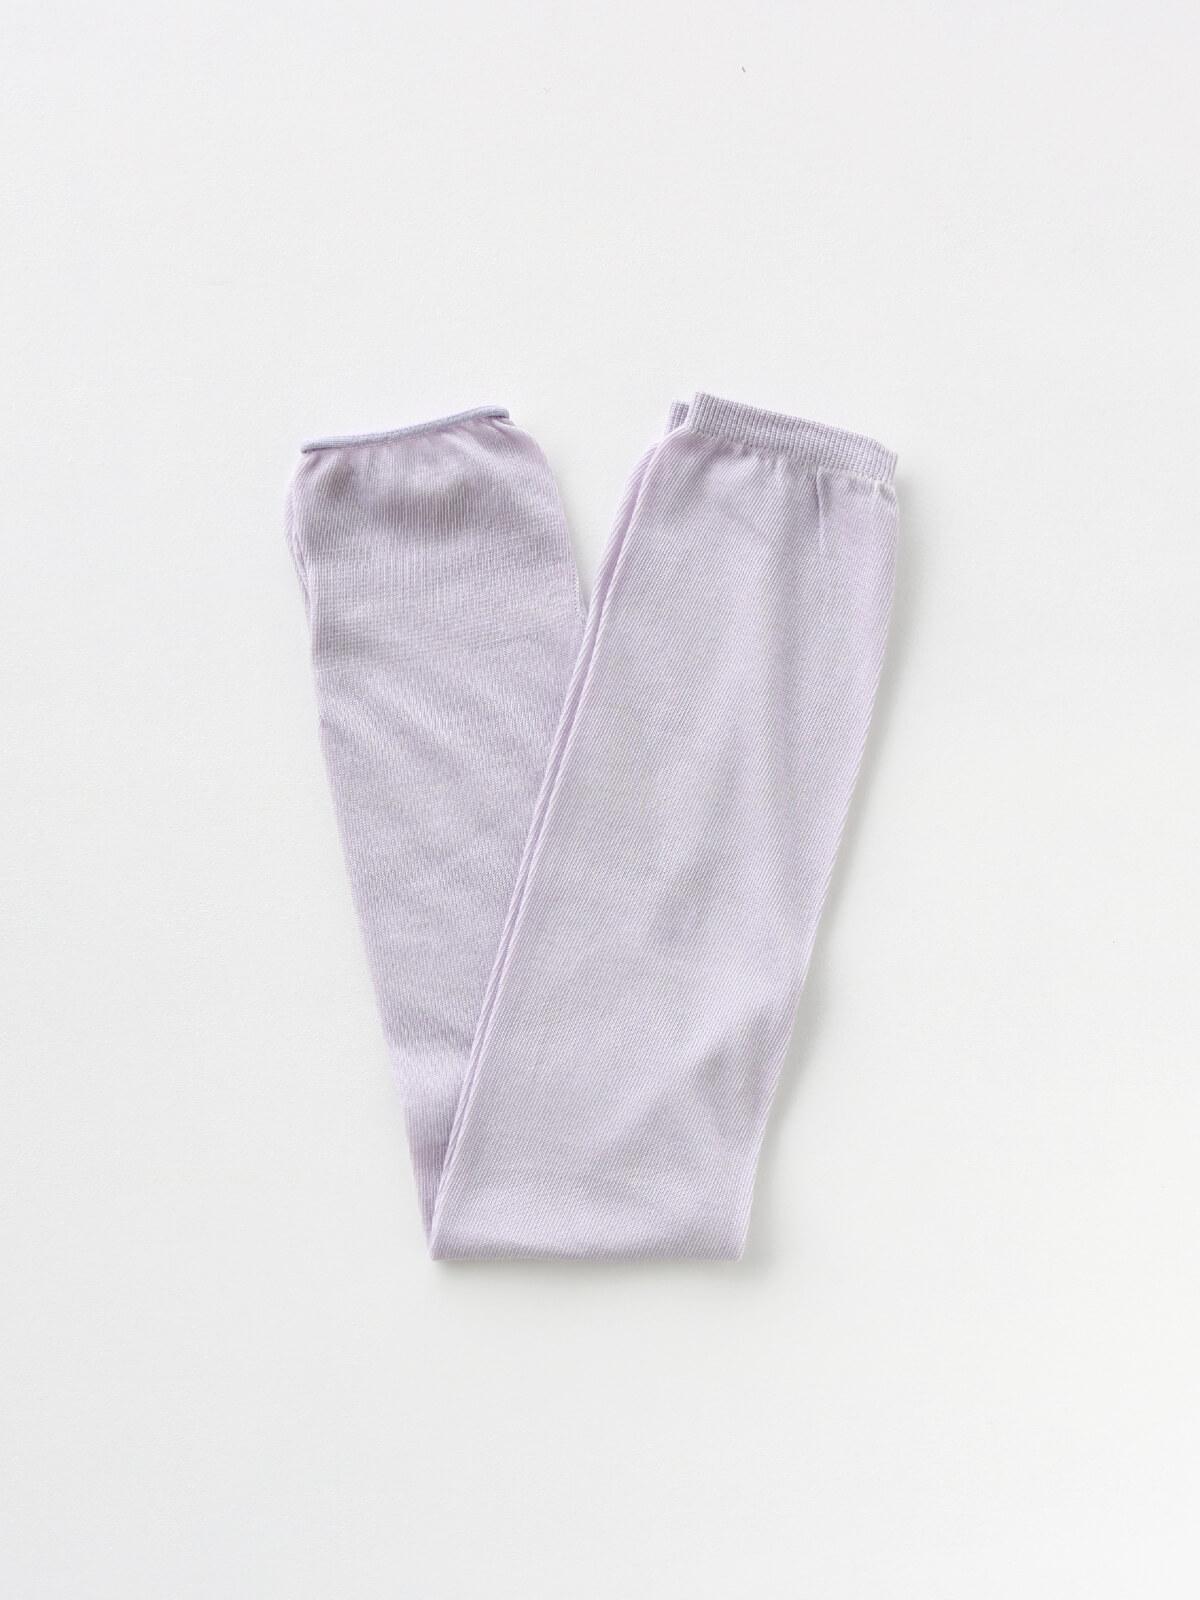 当たりつきギフト専用靴下のLUCKY SOCKS(ラッキーソックス)のSunscreen Plain Armcover(サンスクリーンプレーンアームカバー)のペールグレープ_2